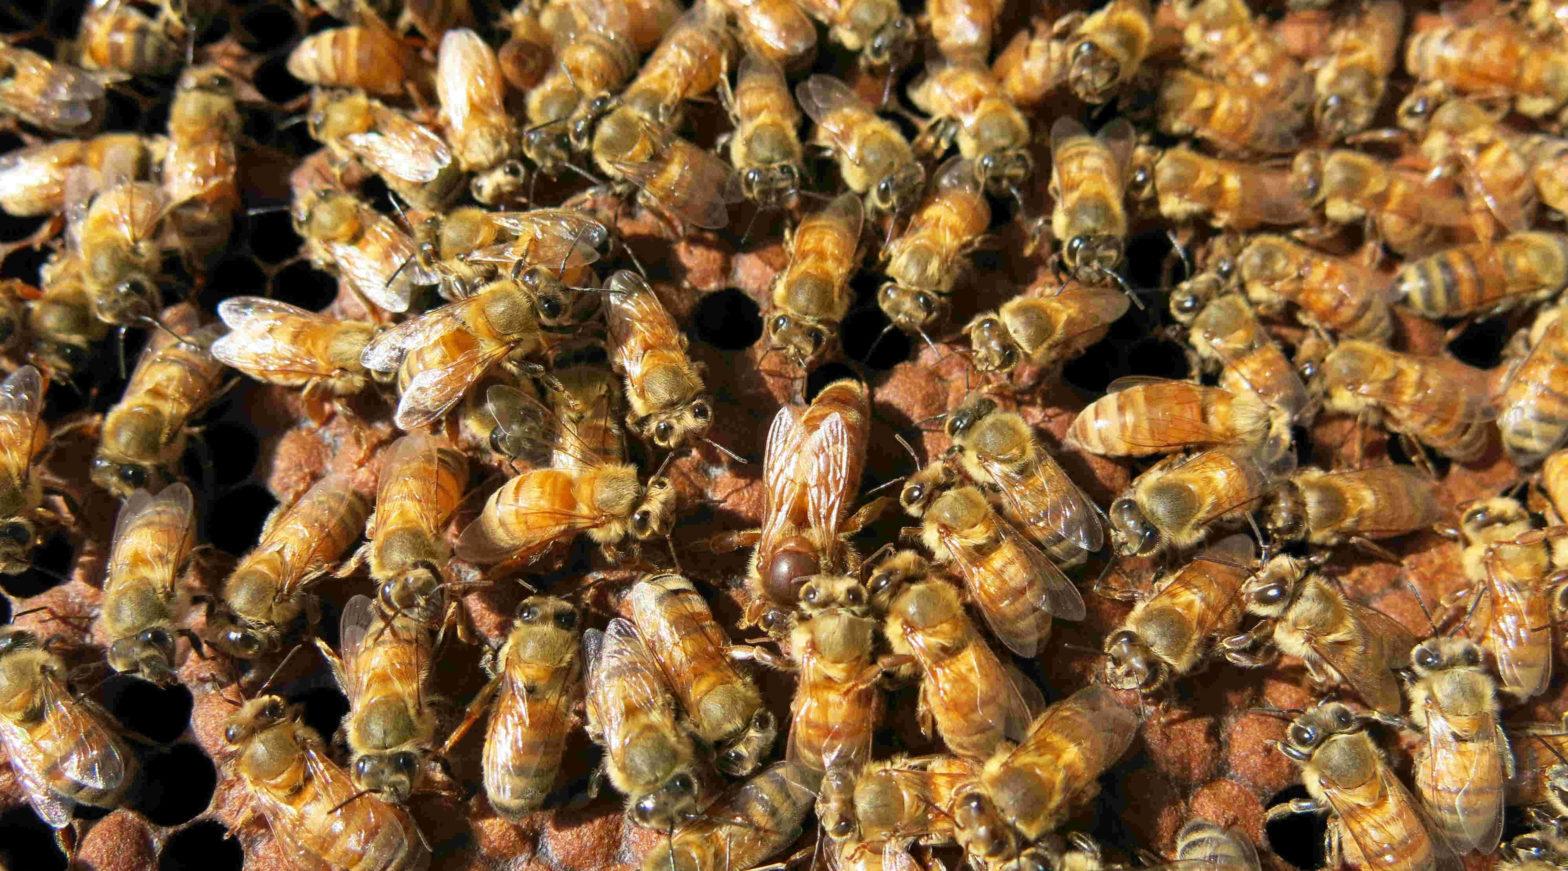 bees away